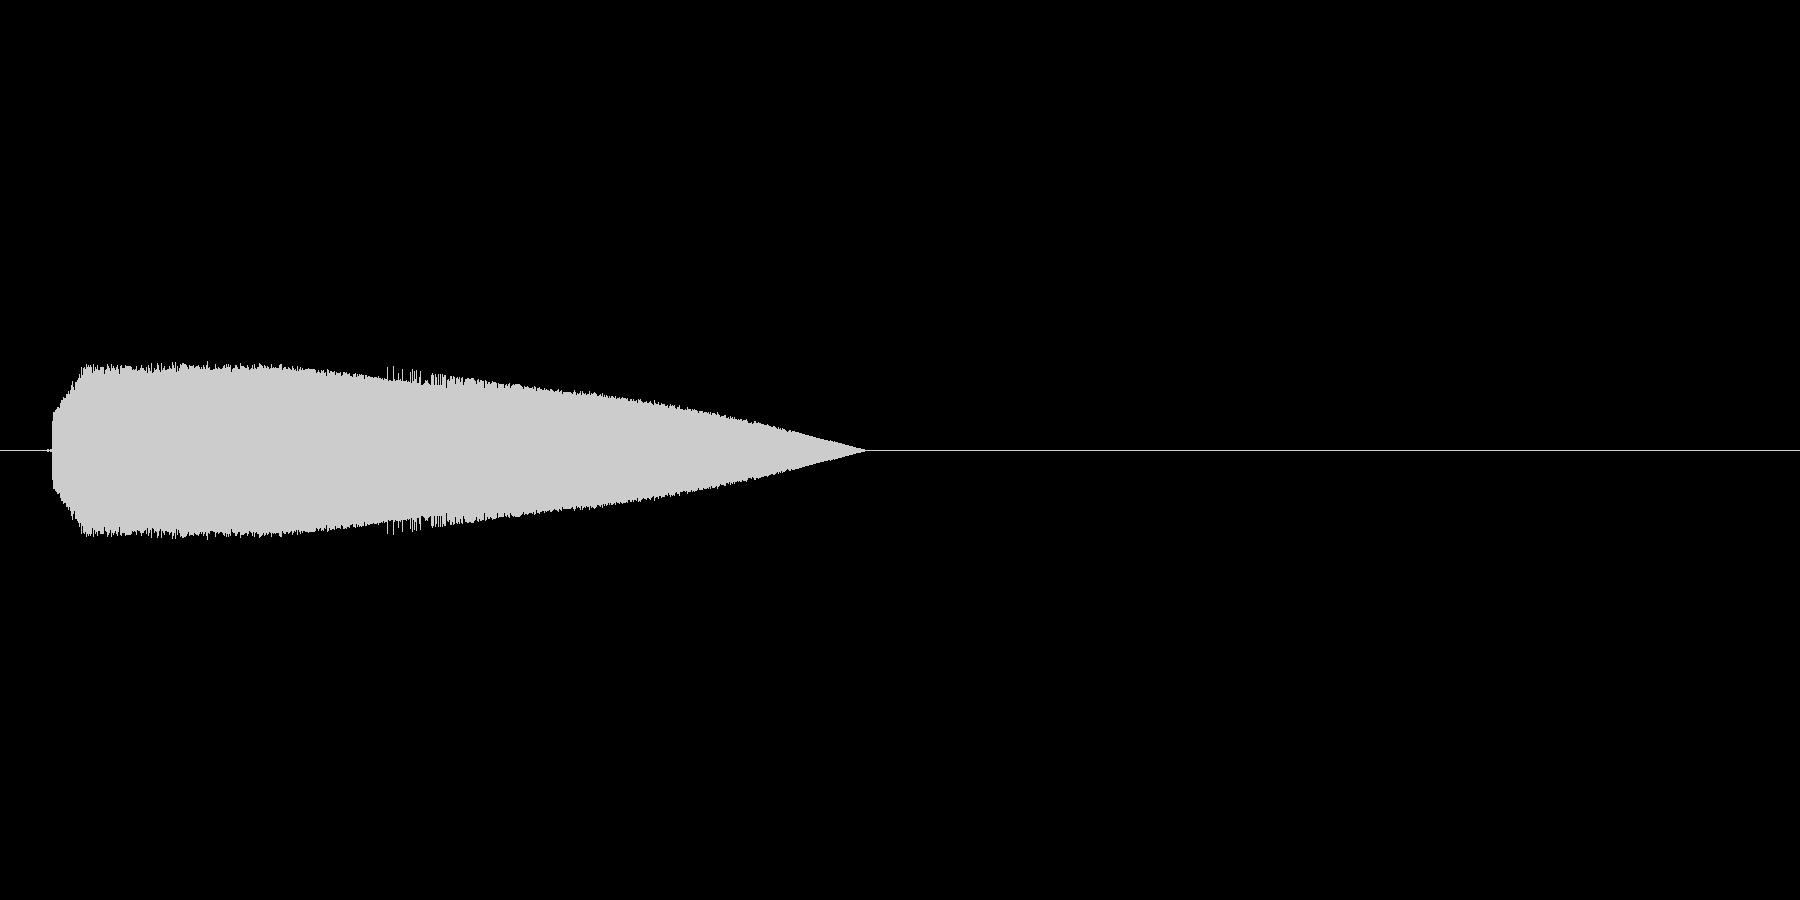 8bitのジャンプ音1 ぴょーんの未再生の波形